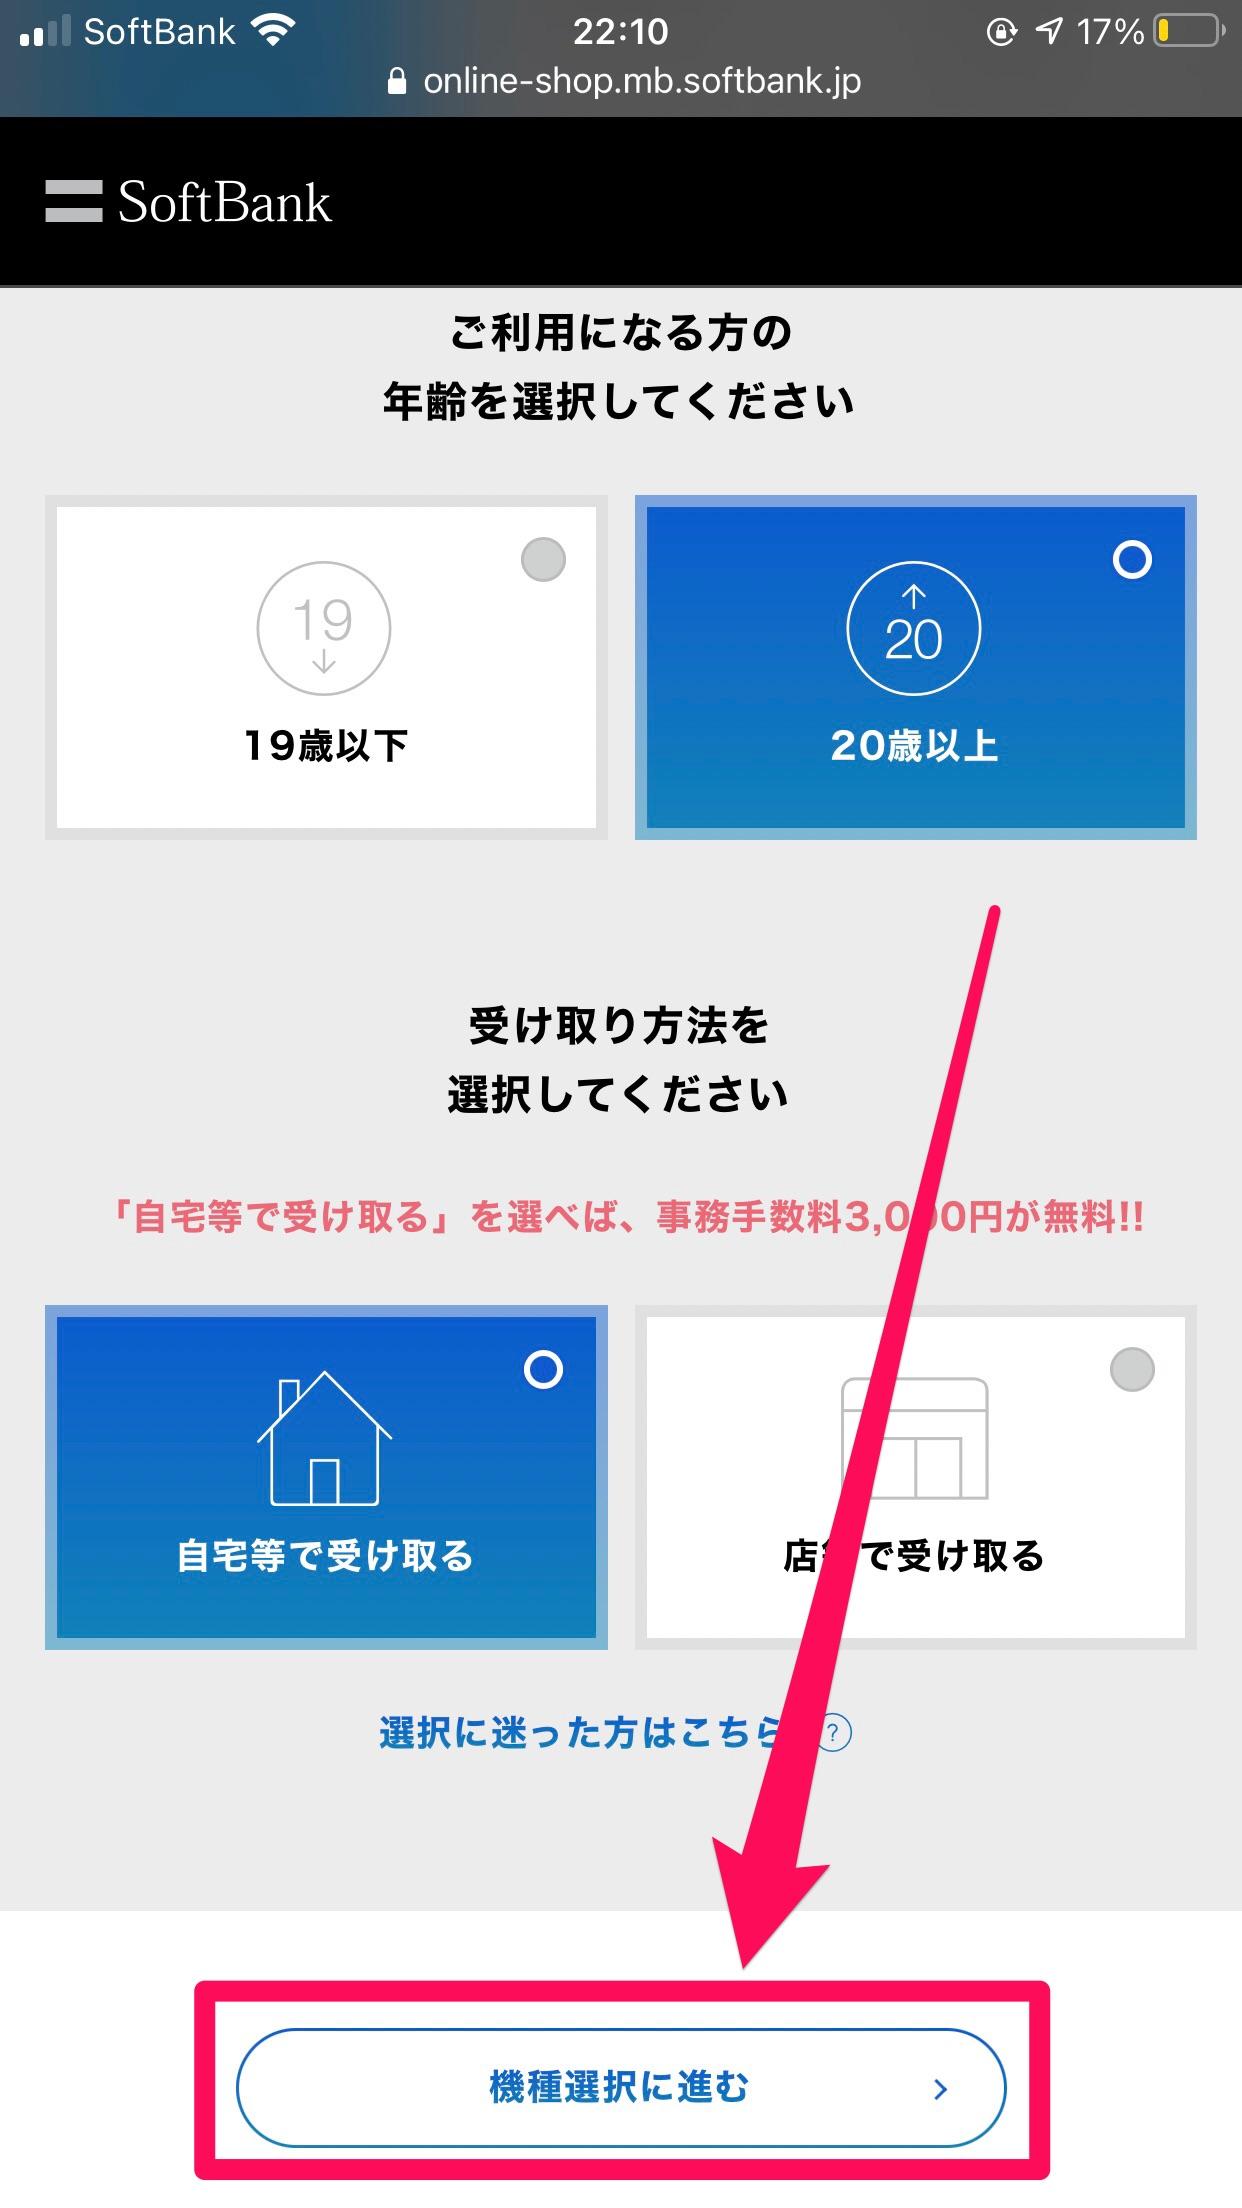 ソフトバンクオンラインショップでiPhone 12購入6